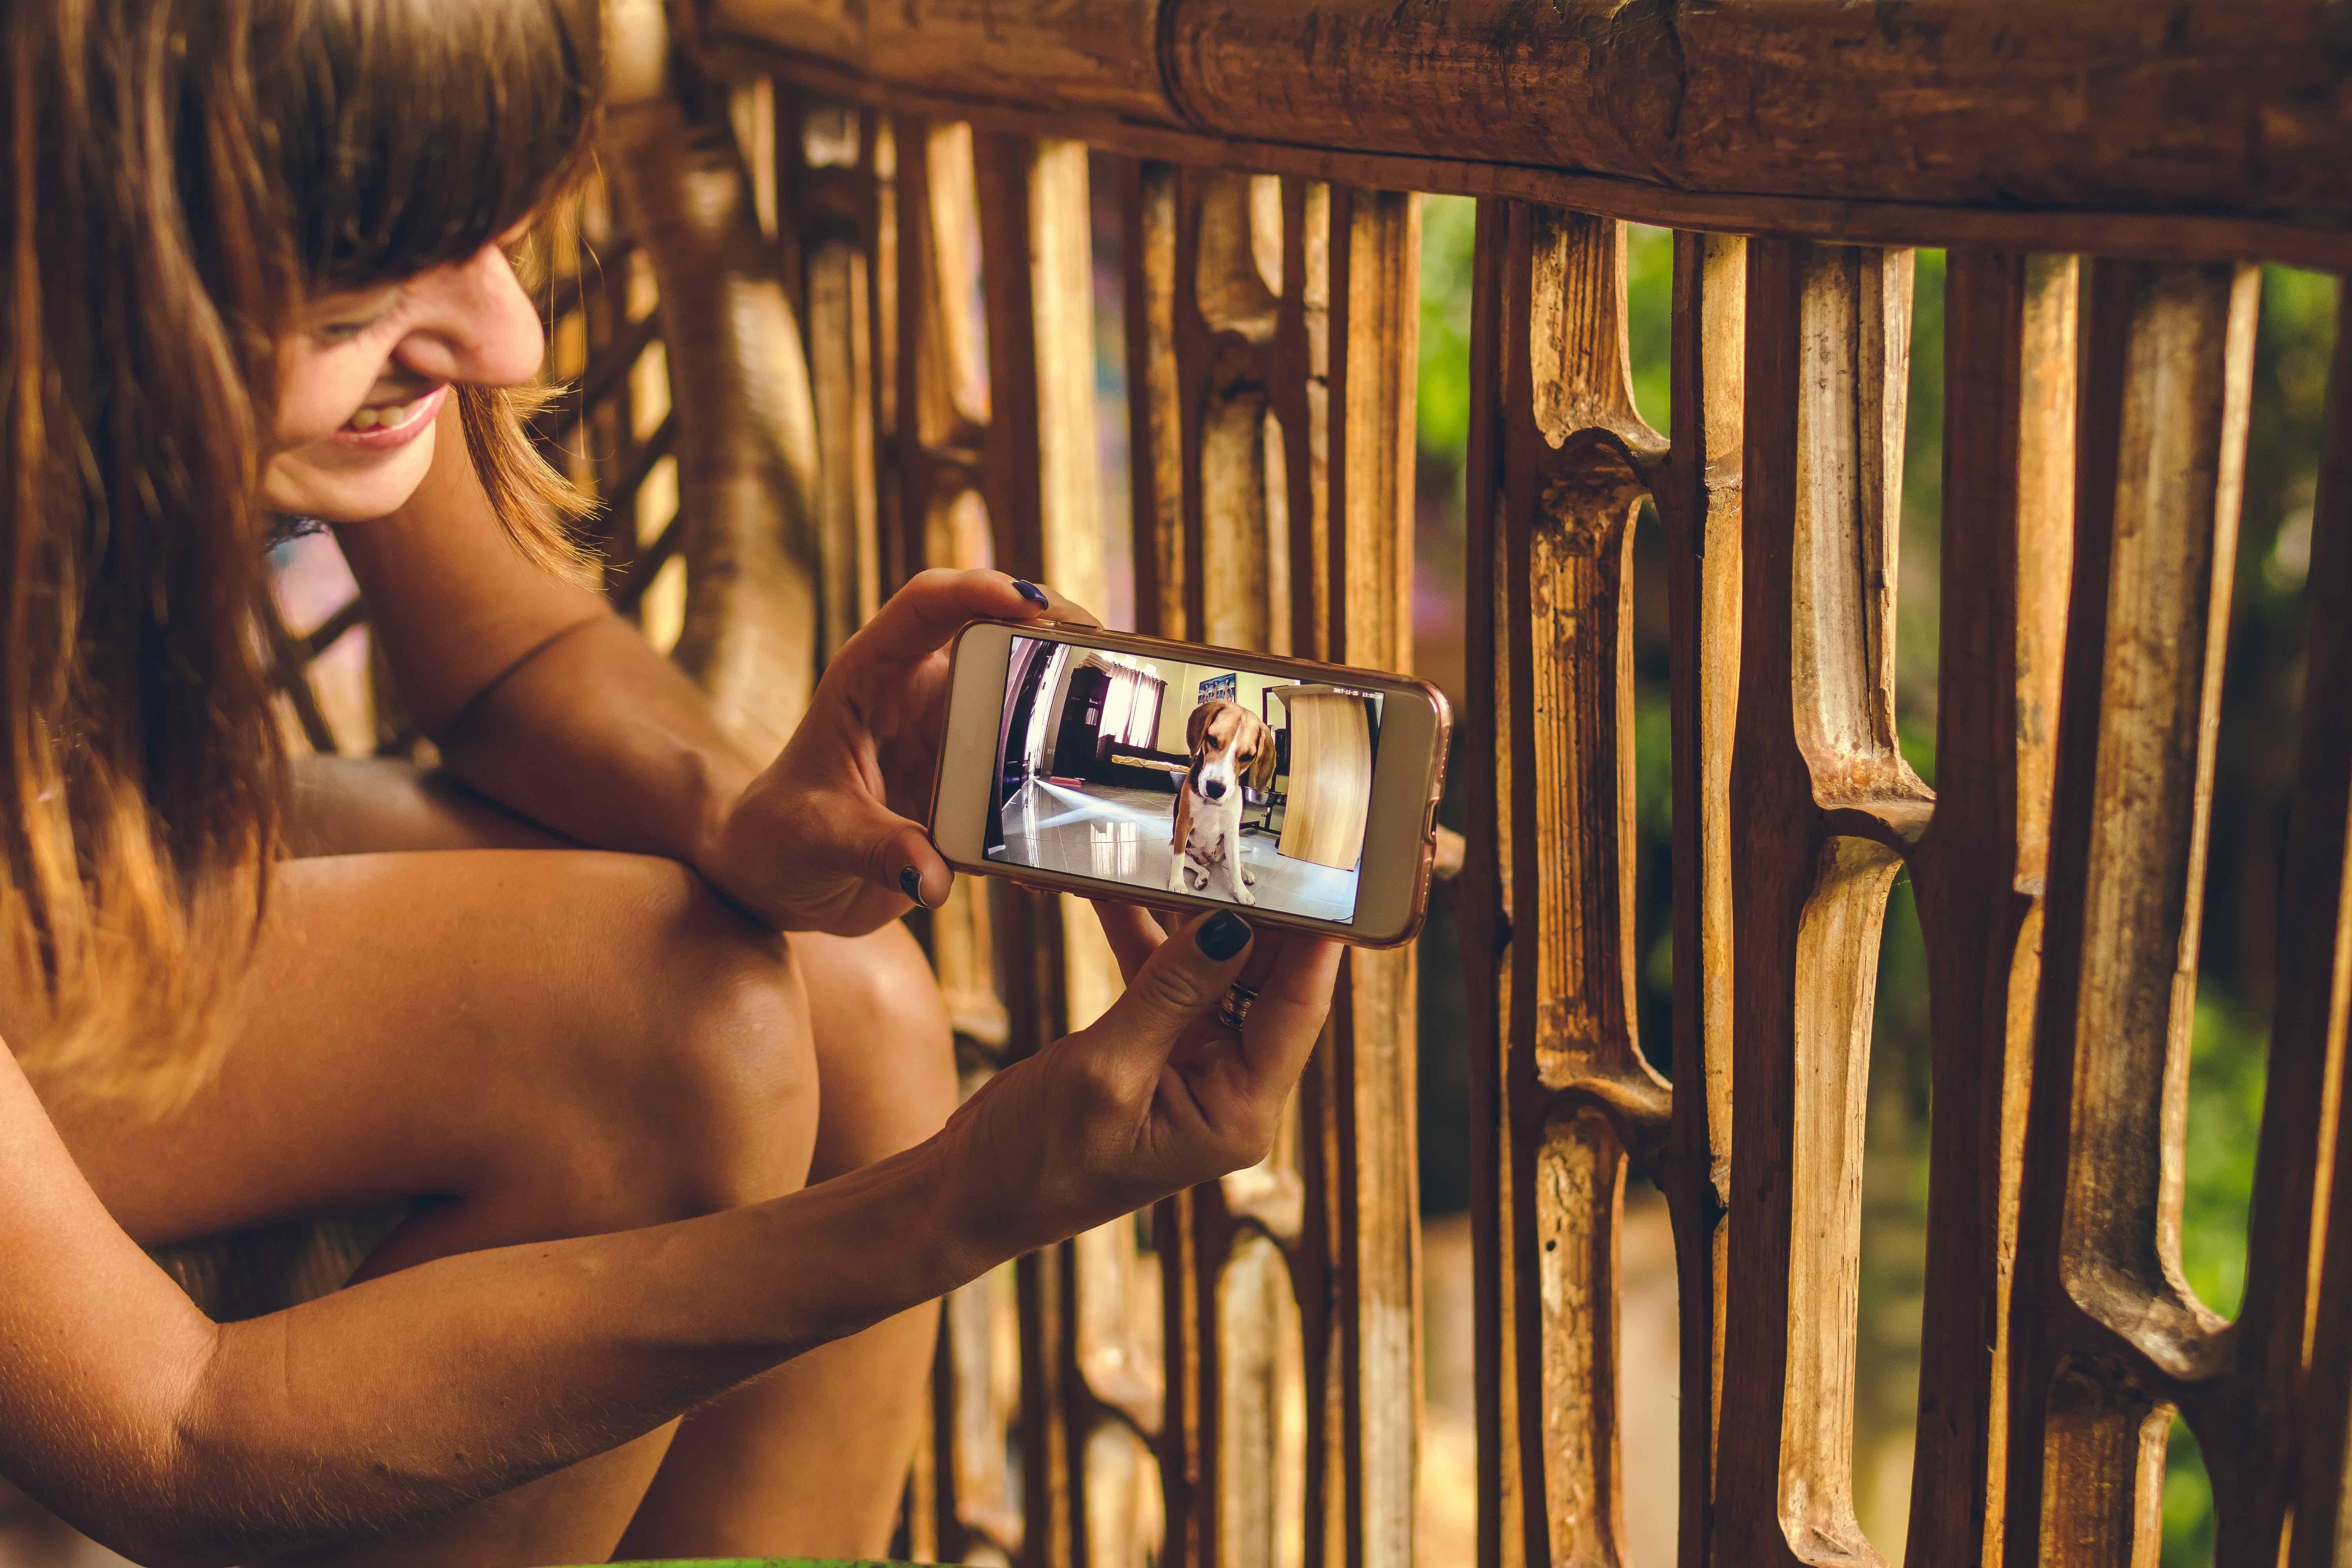 facebook photos social media